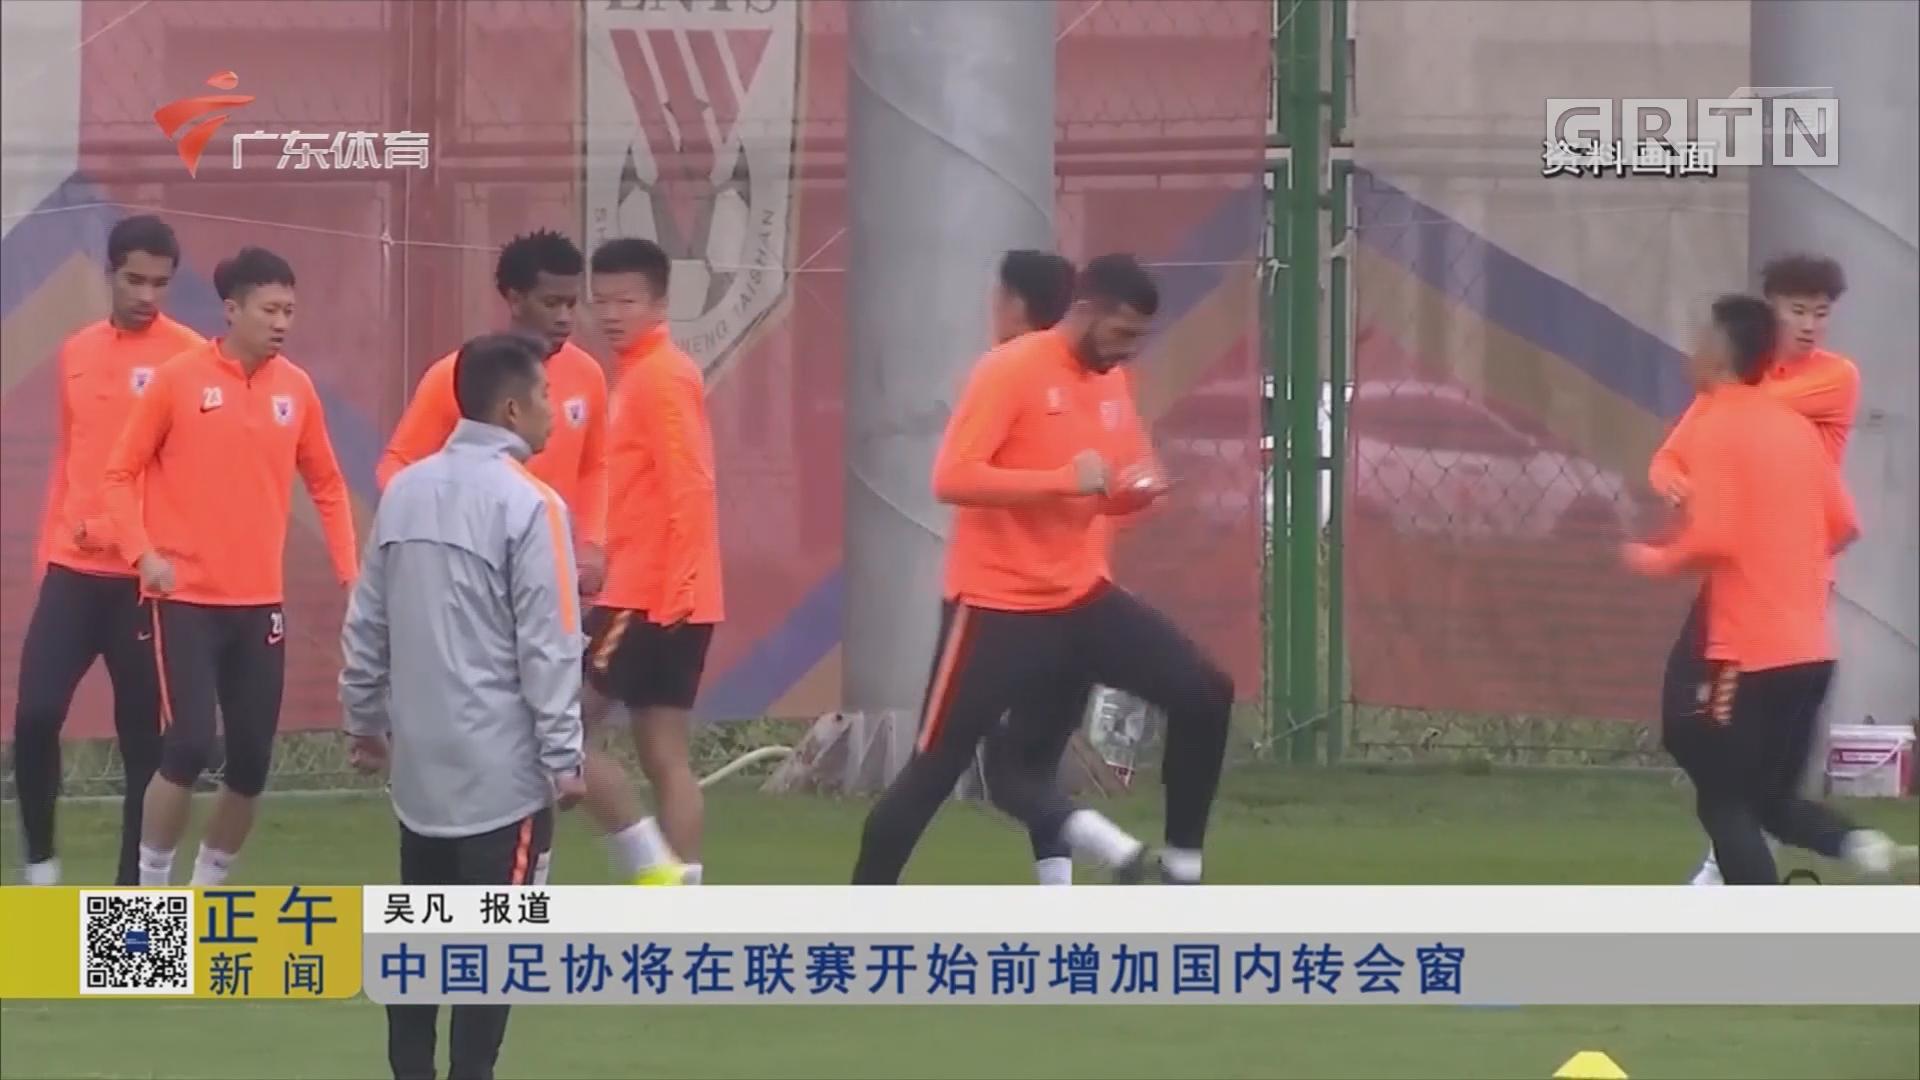 中国足协将在联赛开始前增加国内转会窗